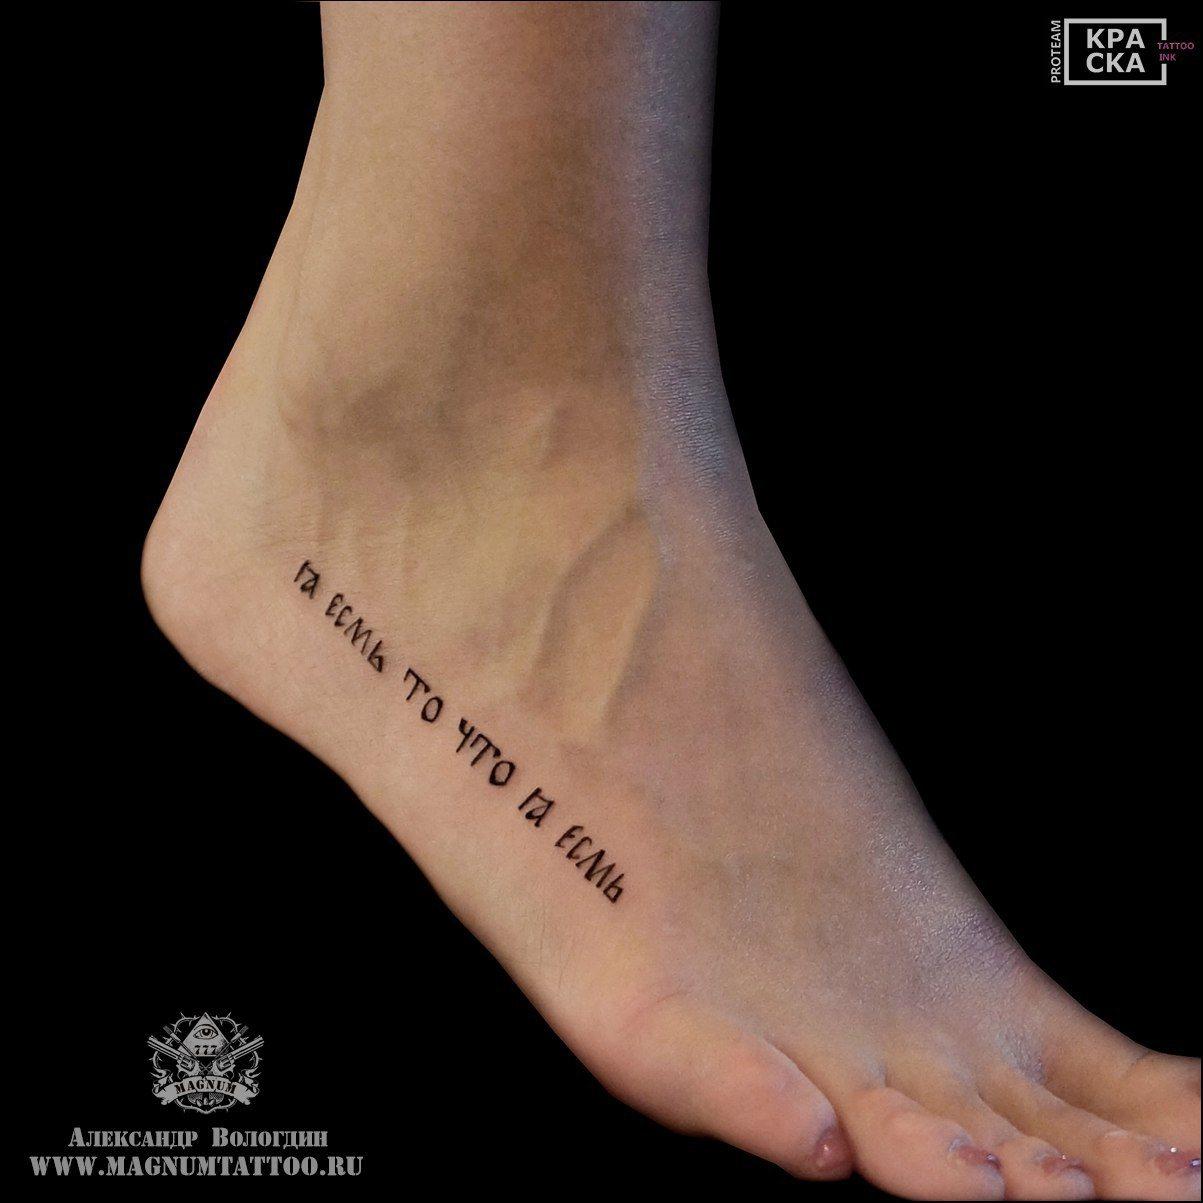 Trendy тату надписи на латыни с переводом для девушек фото на руке